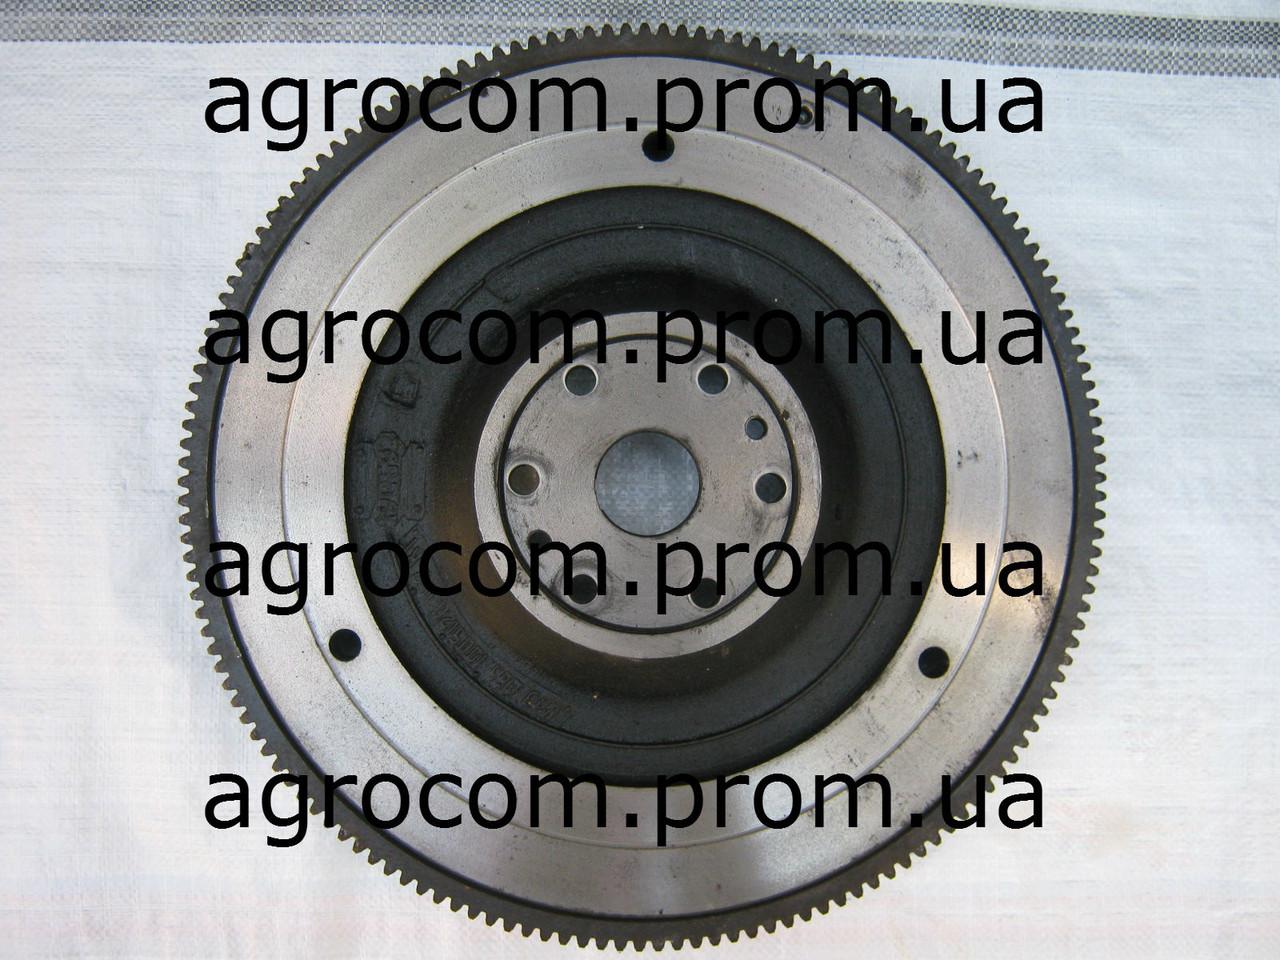 Маховик ЮМЗ под стартер Д65-1005116-В СБ